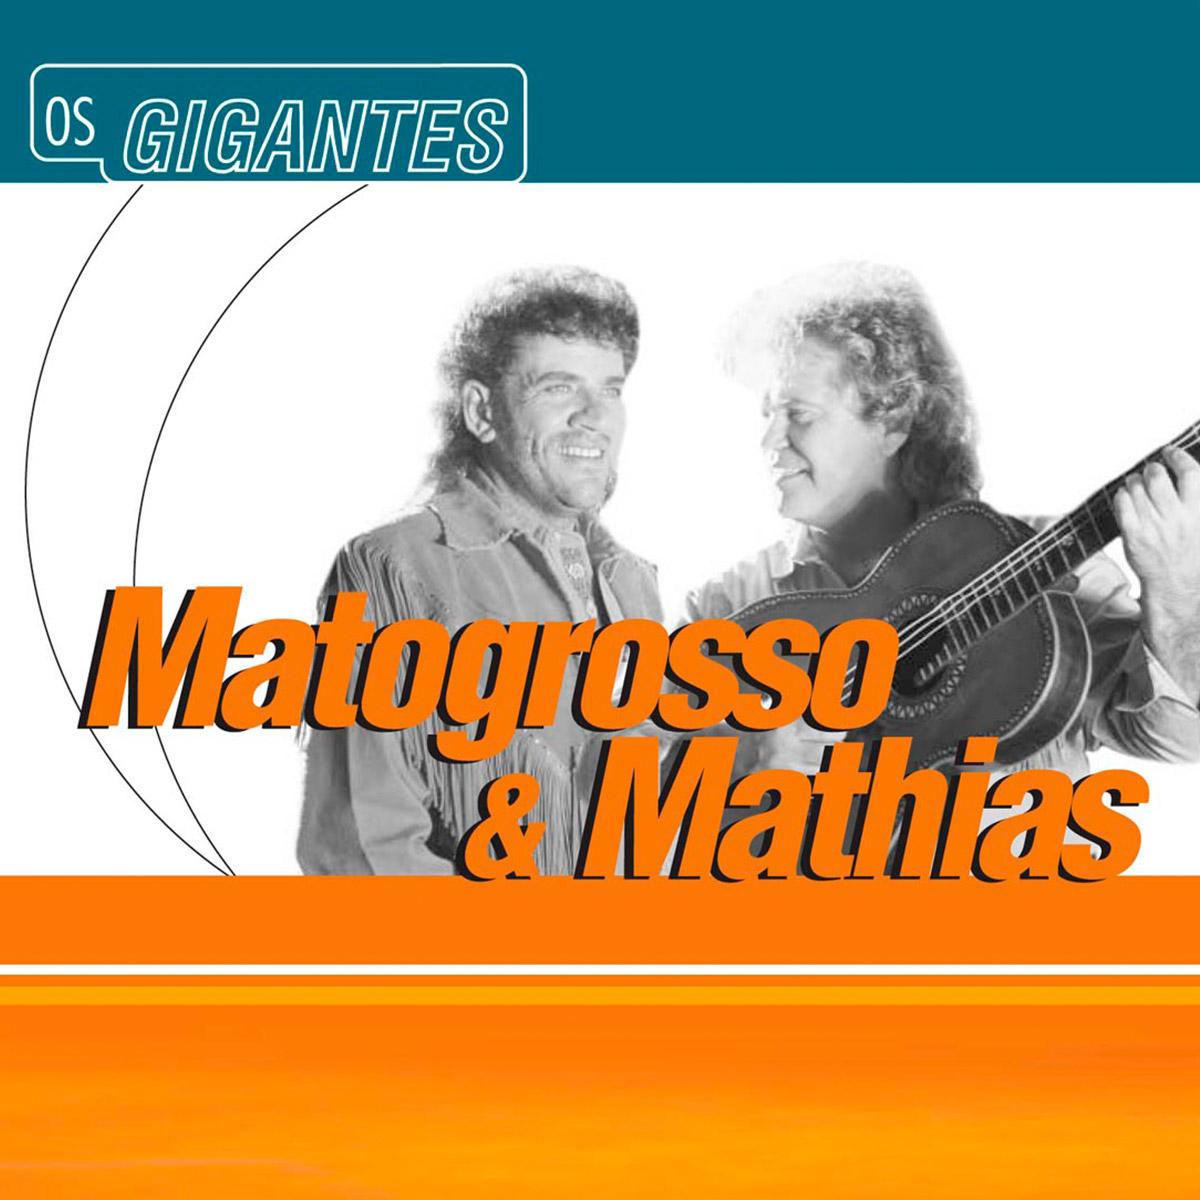 CD Matogrosso & Mathias Série Os Gigantes